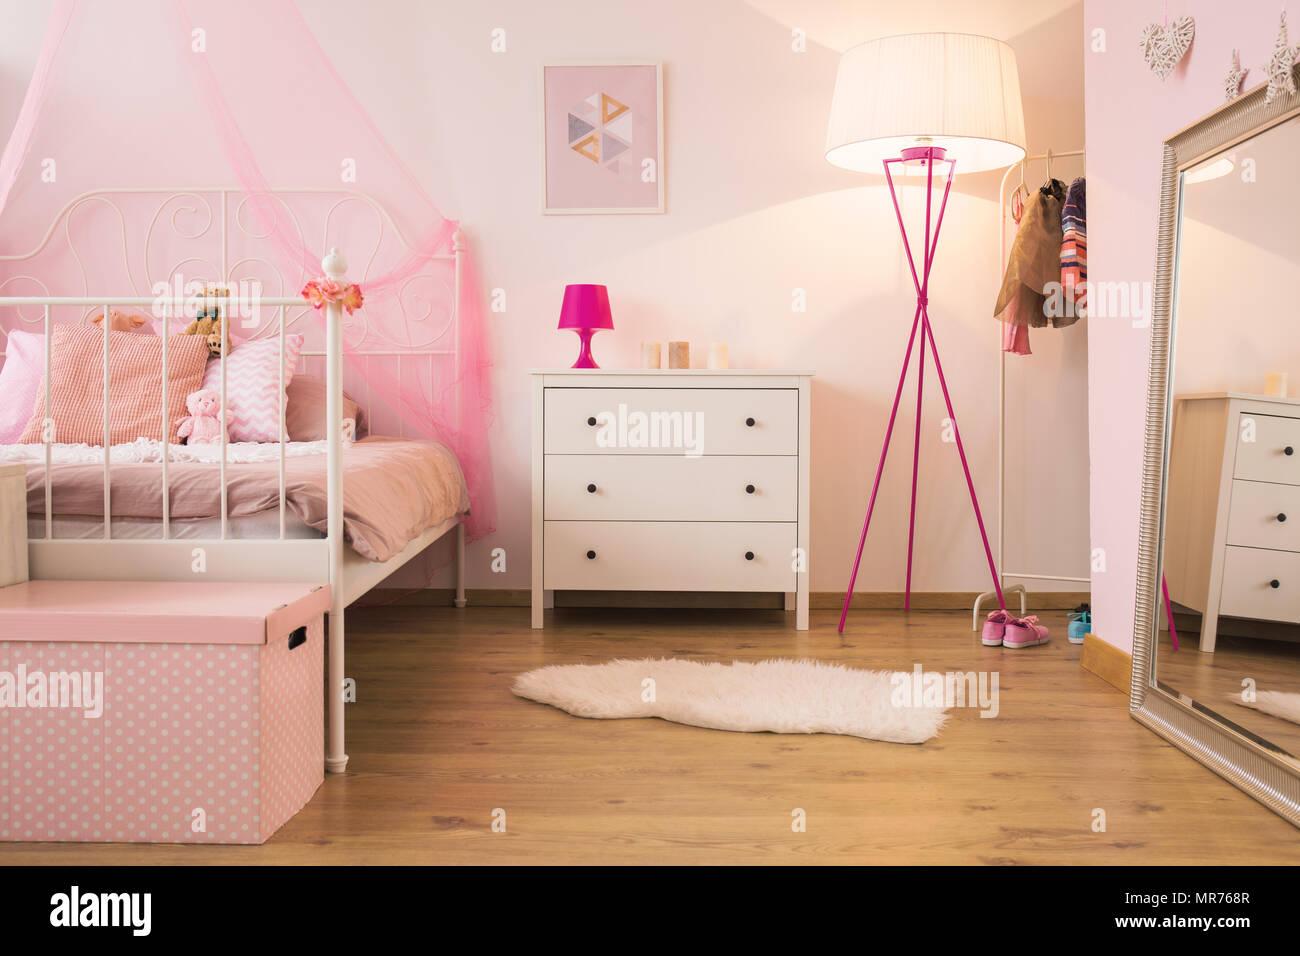 Rosa Kinderzimmer Mit Lampe Weiss Kommode Und Bed Stockfoto Bild